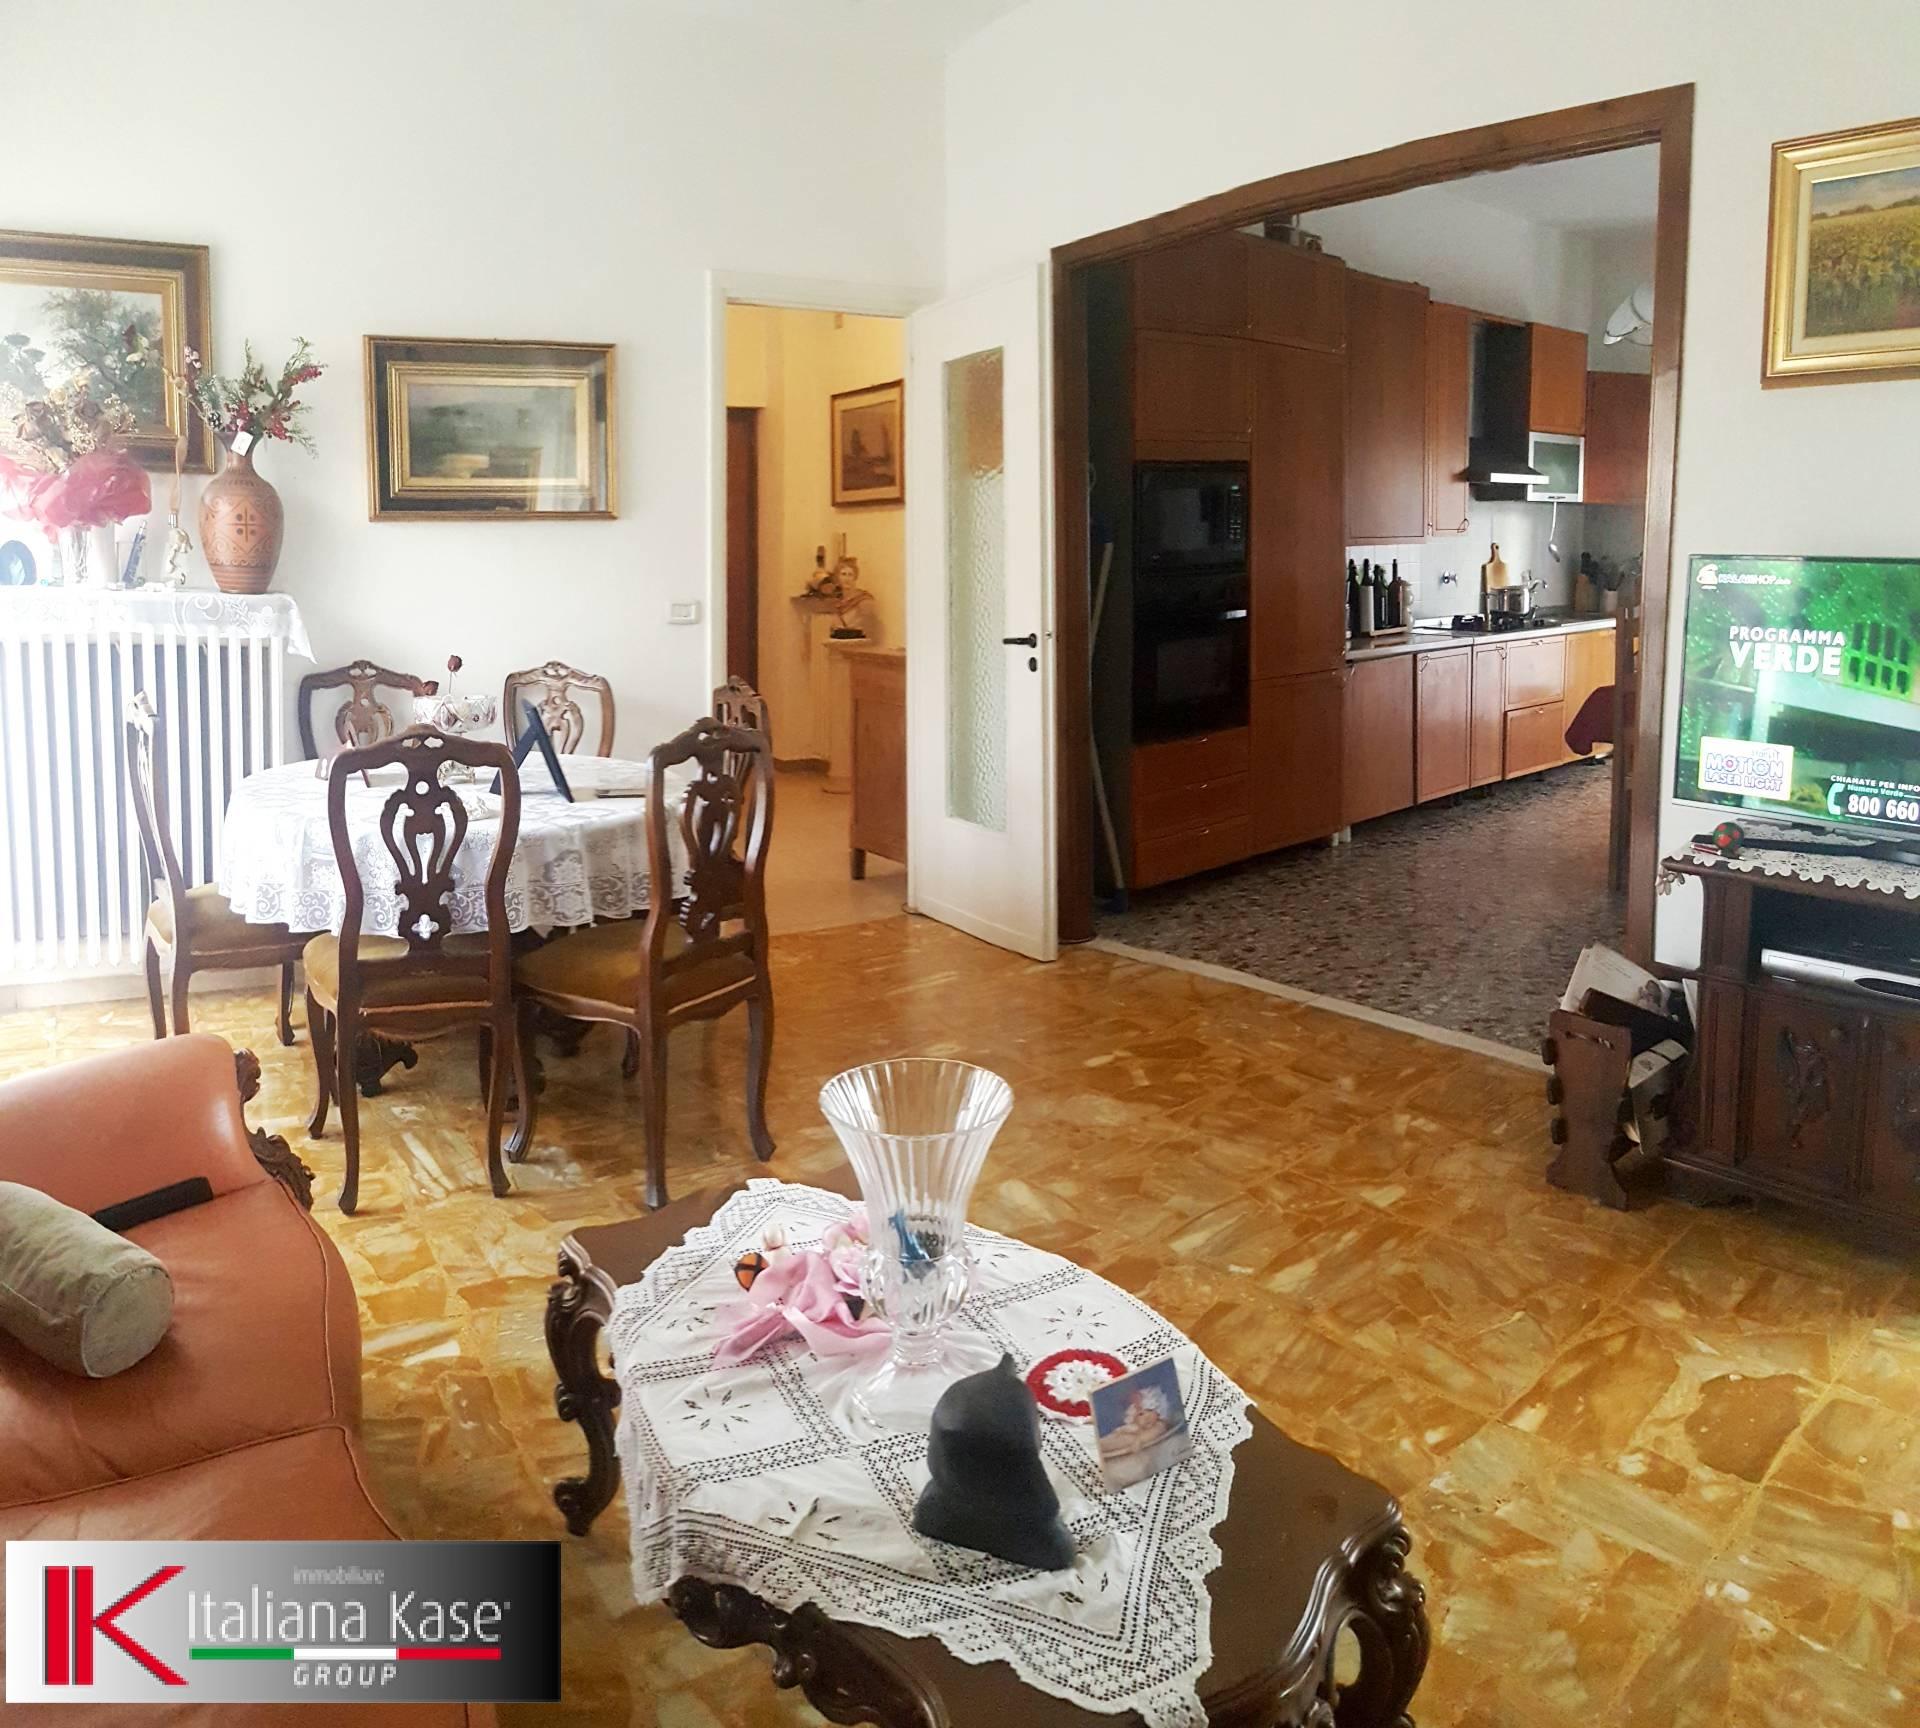 Appartamento in affitto a Castiglione Torinese, 2 locali, zona Località: Centro, prezzo € 430 | Cambio Casa.it